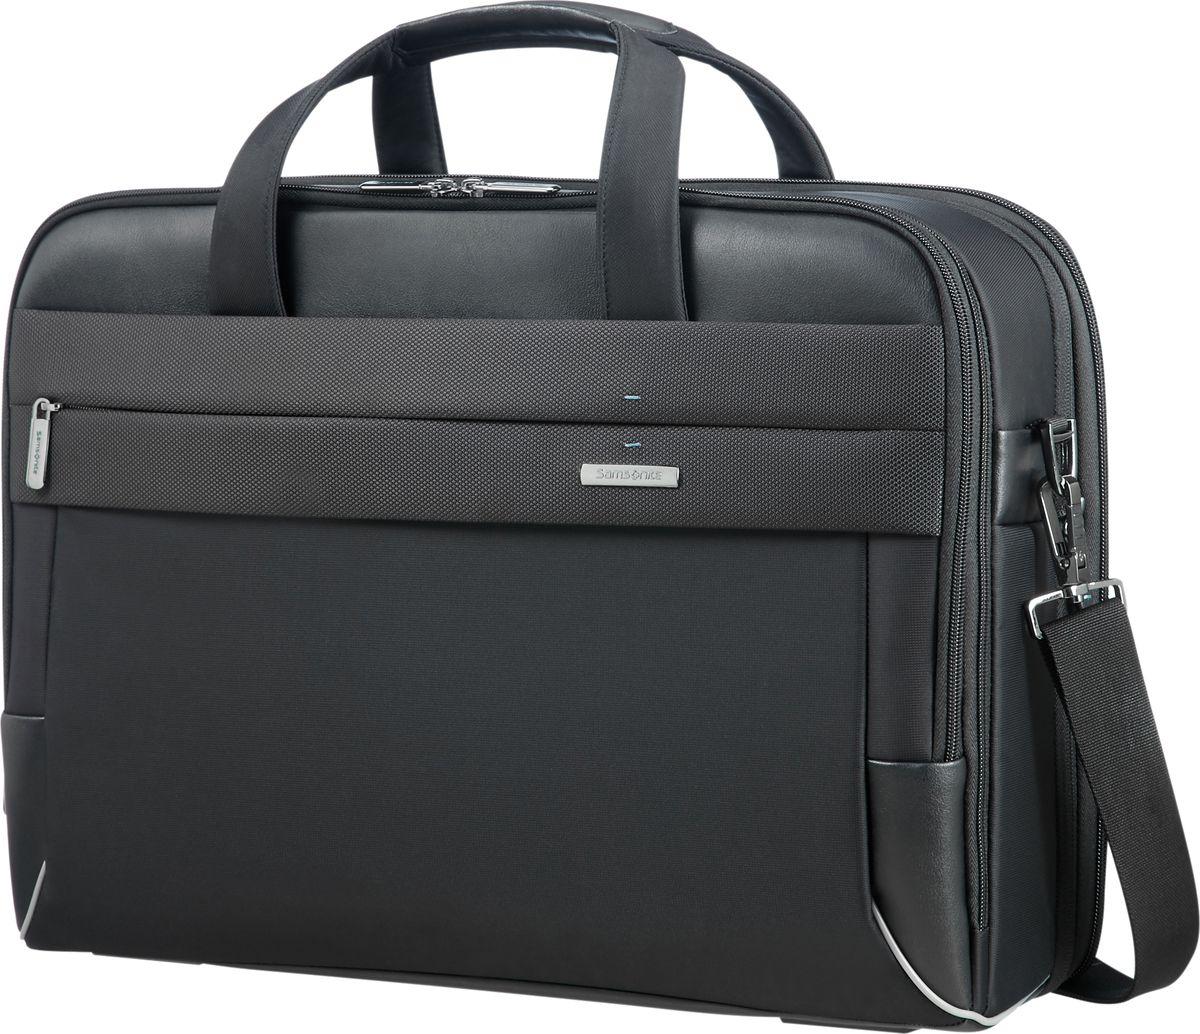 Сумка для ноутбука мужская Samsonite, цвет: черный, 17,3. CE7-09005 сумка для ноутбука samsonite сумка для ноутбука 17 3 vectura 45 5x38 5x13 5 см